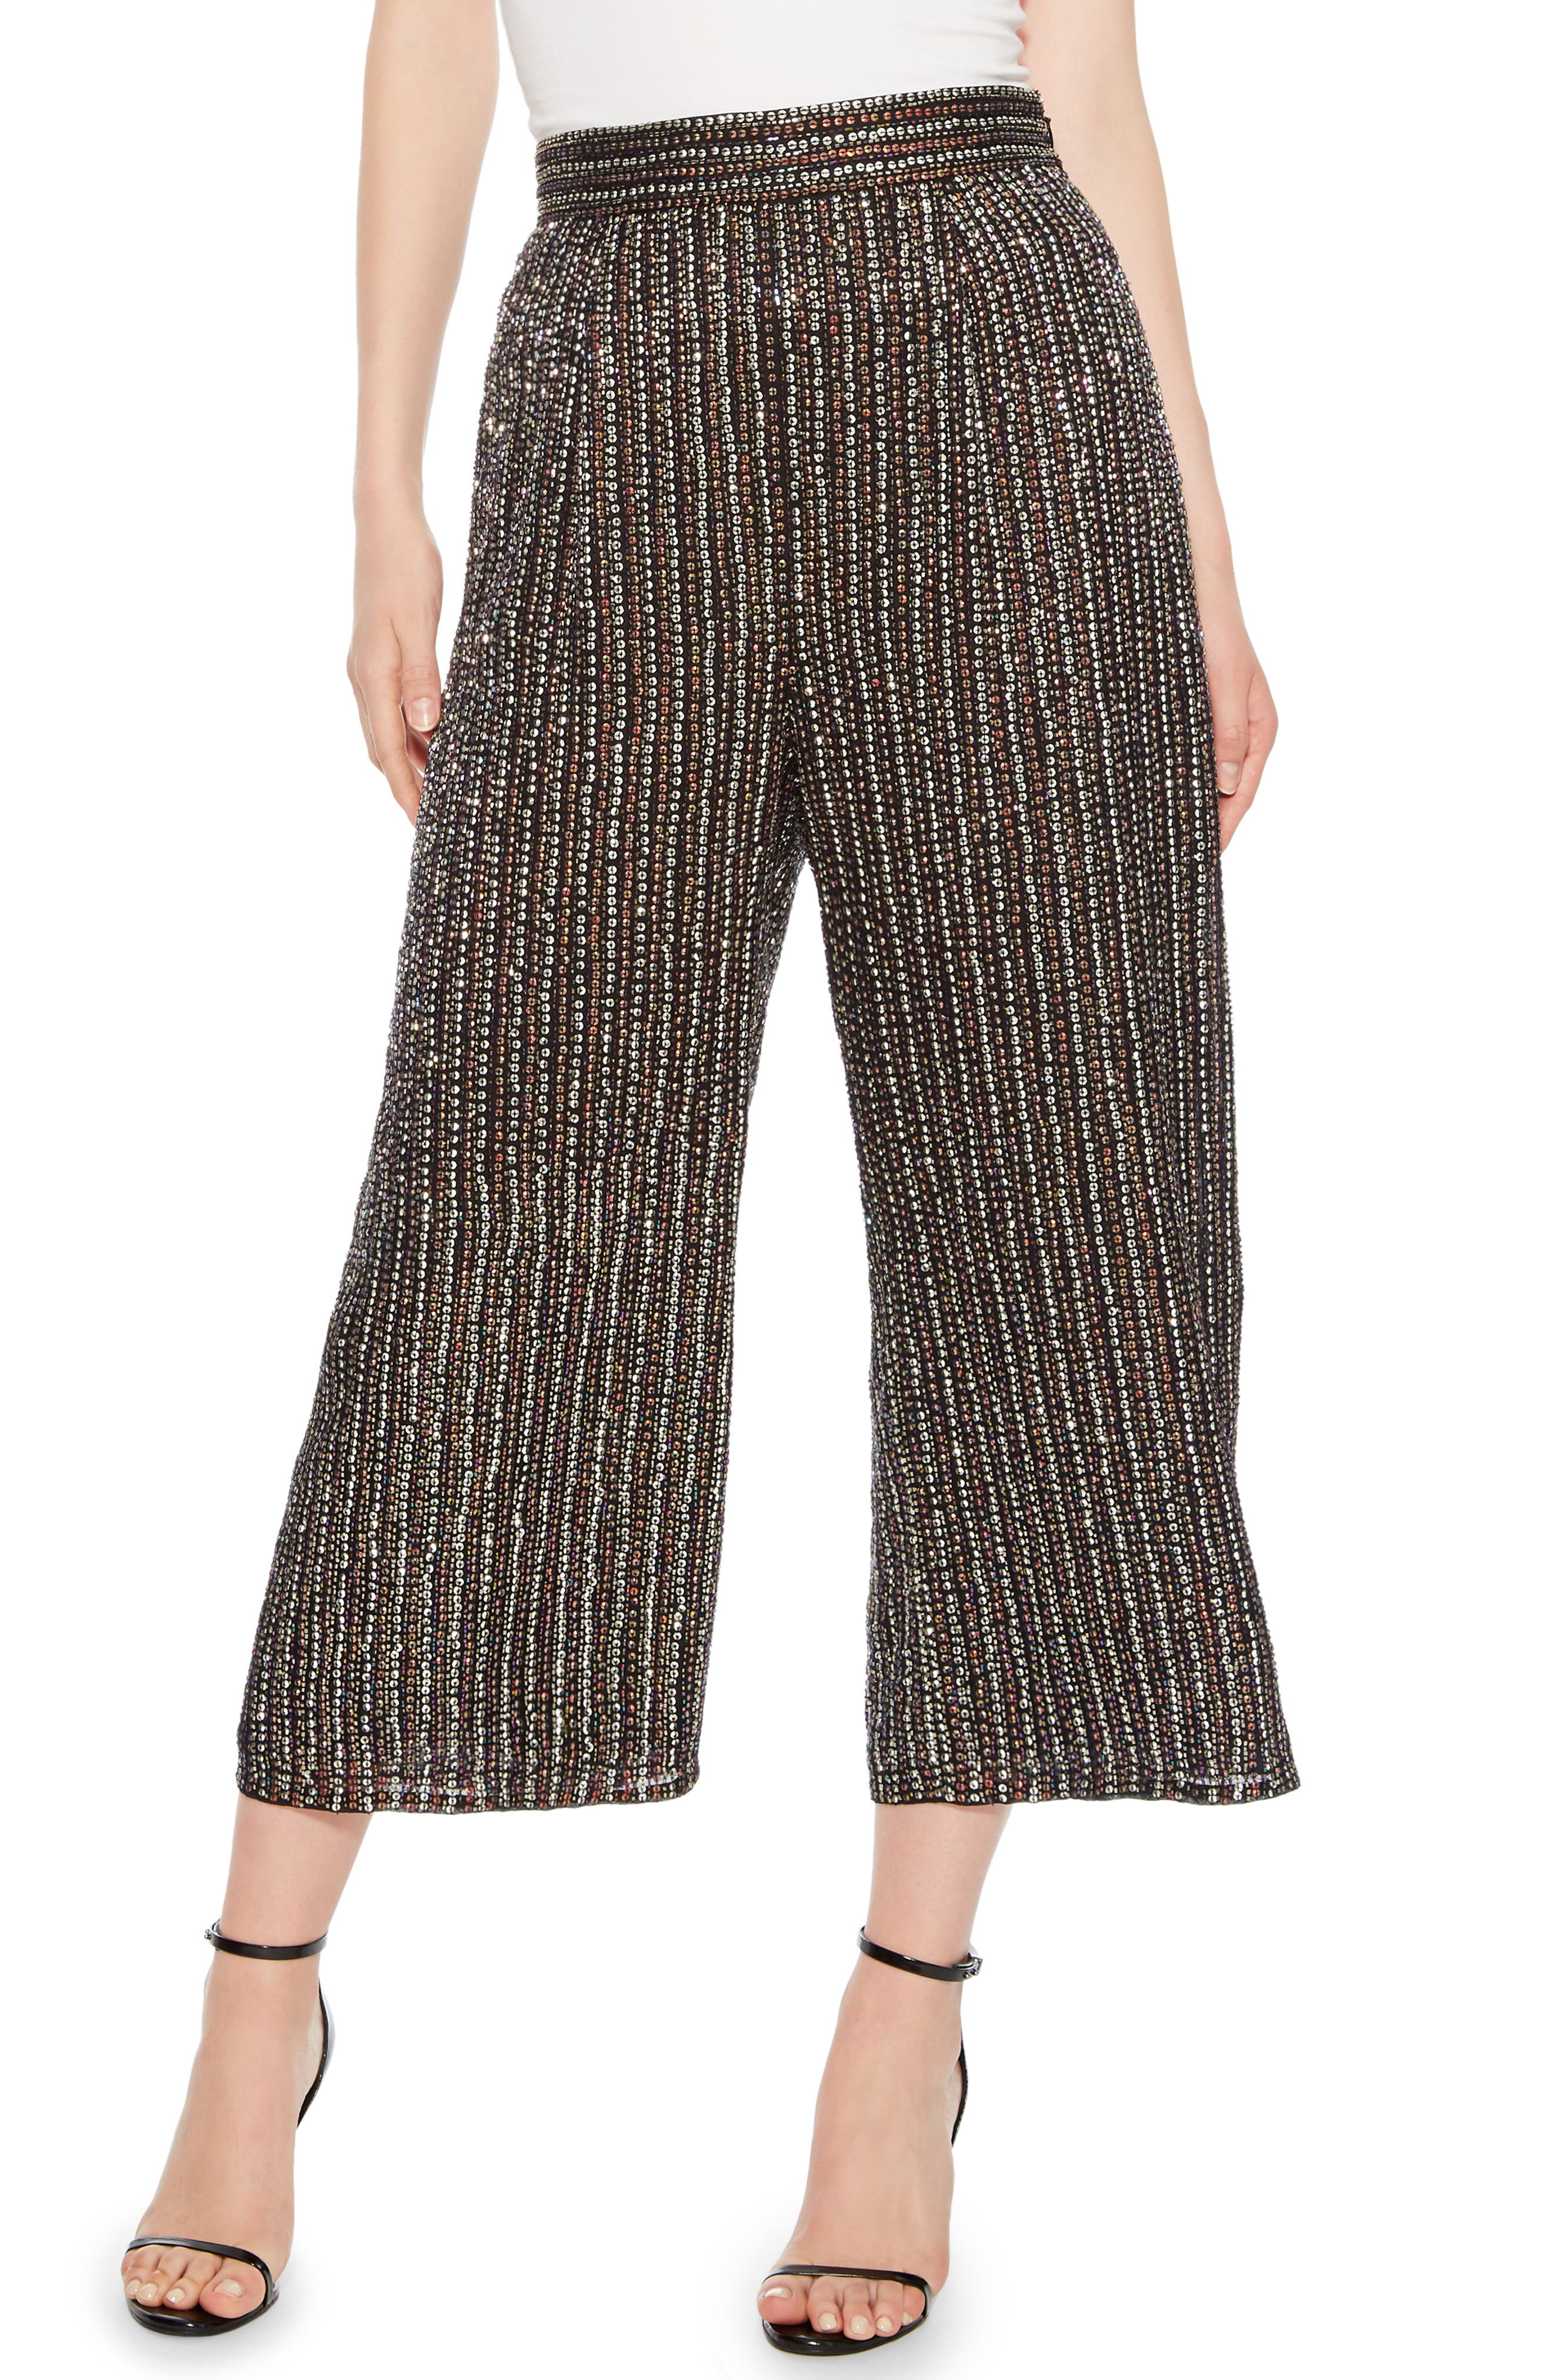 Ellen Wide Leg Crop Pants,                             Main thumbnail 1, color,                             BLACK MULTI